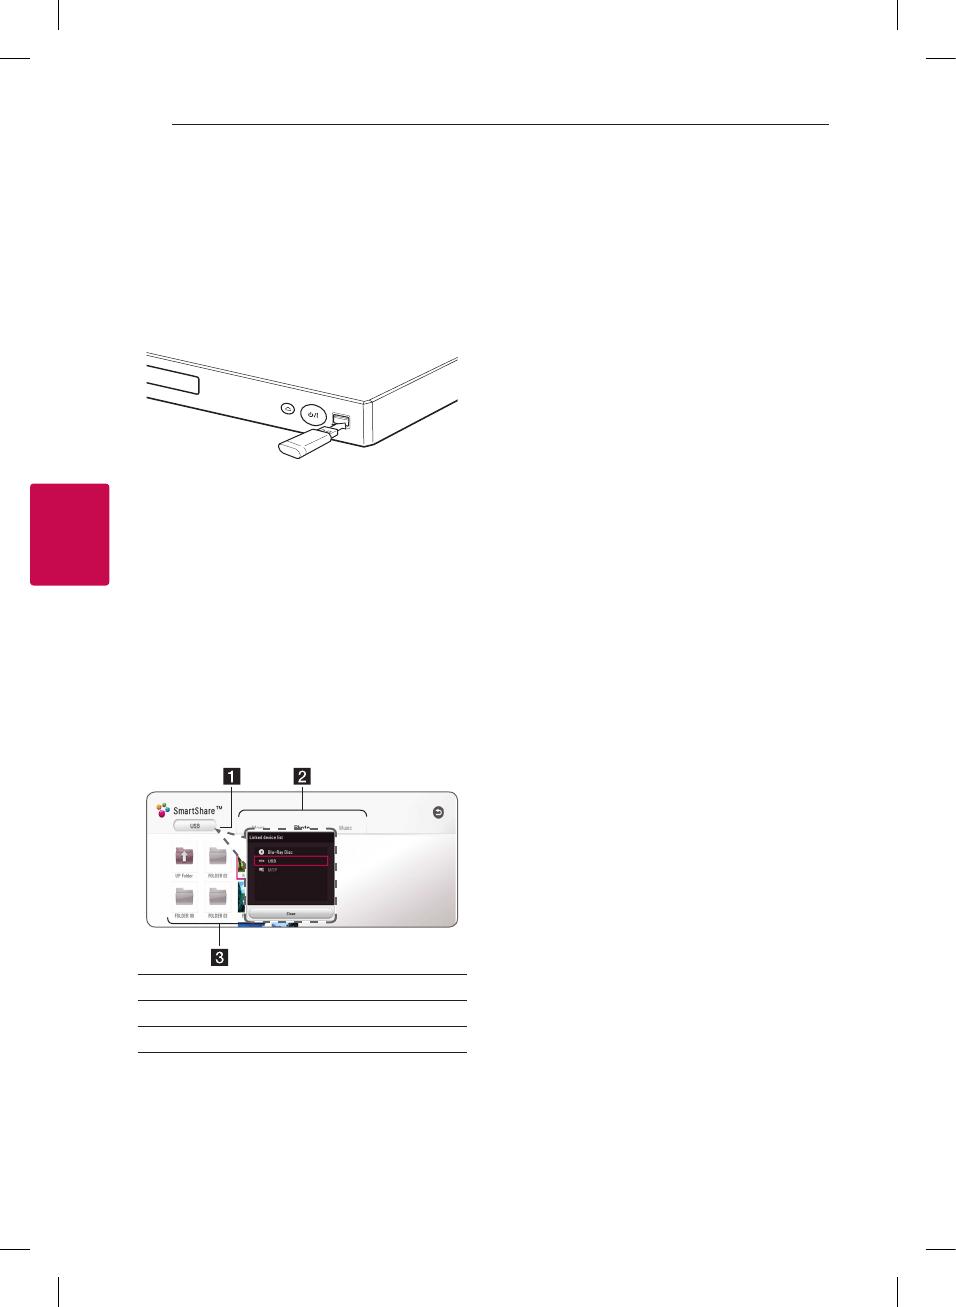 LG BP175 User Manual Owner's BP255 N(BP175) MFL68903003